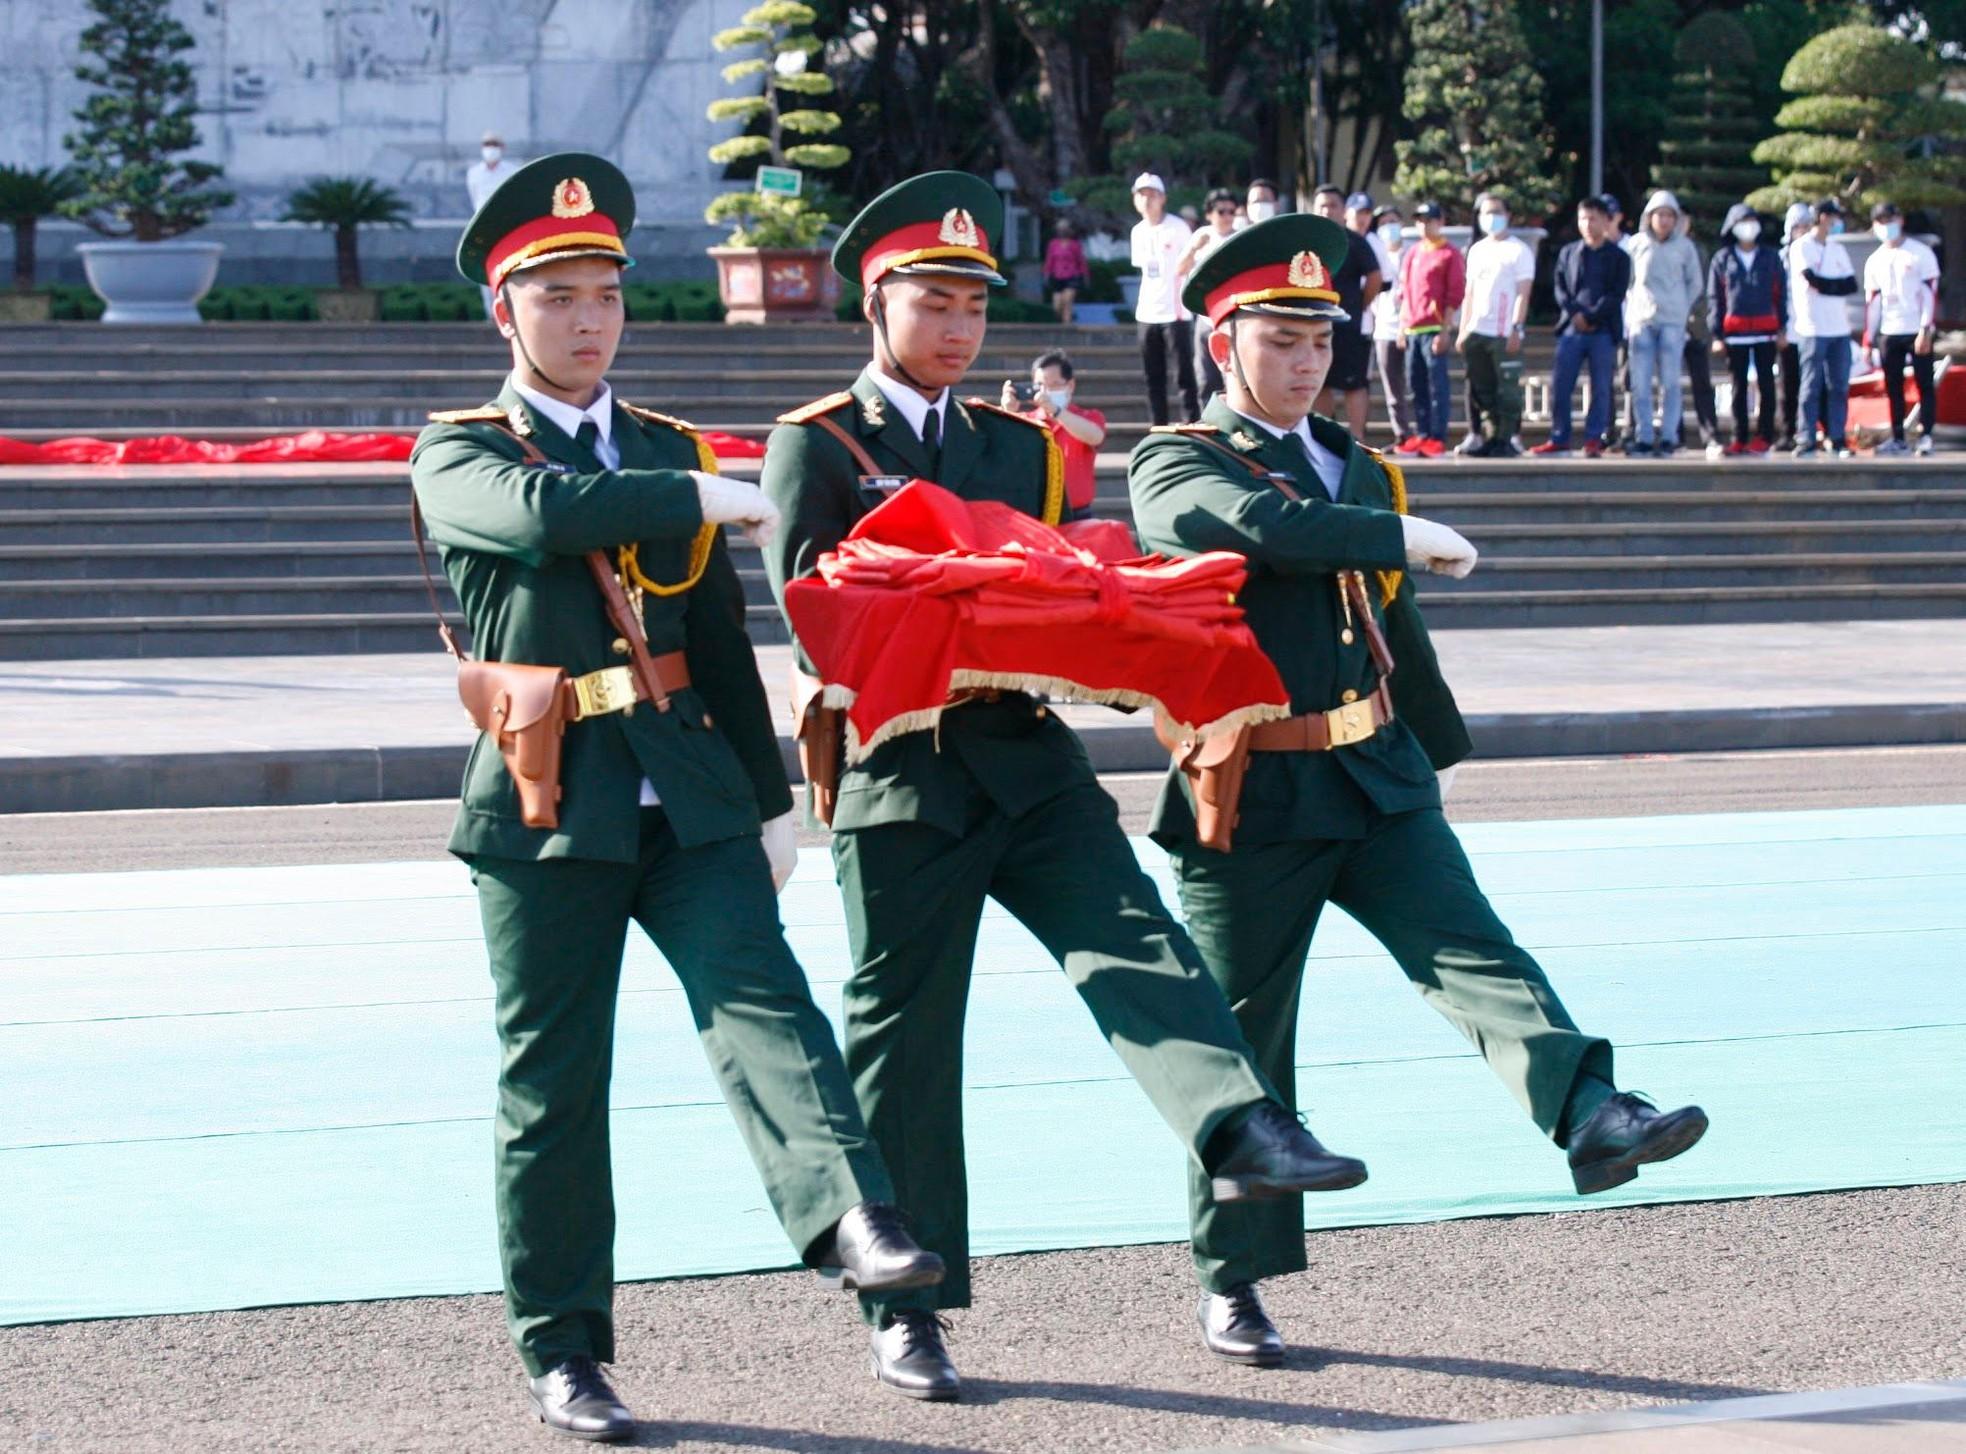 Đón xem lễ Thượng cờ trang nghiêm tại Quảng trường Đại Đoàn Kết ảnh 2